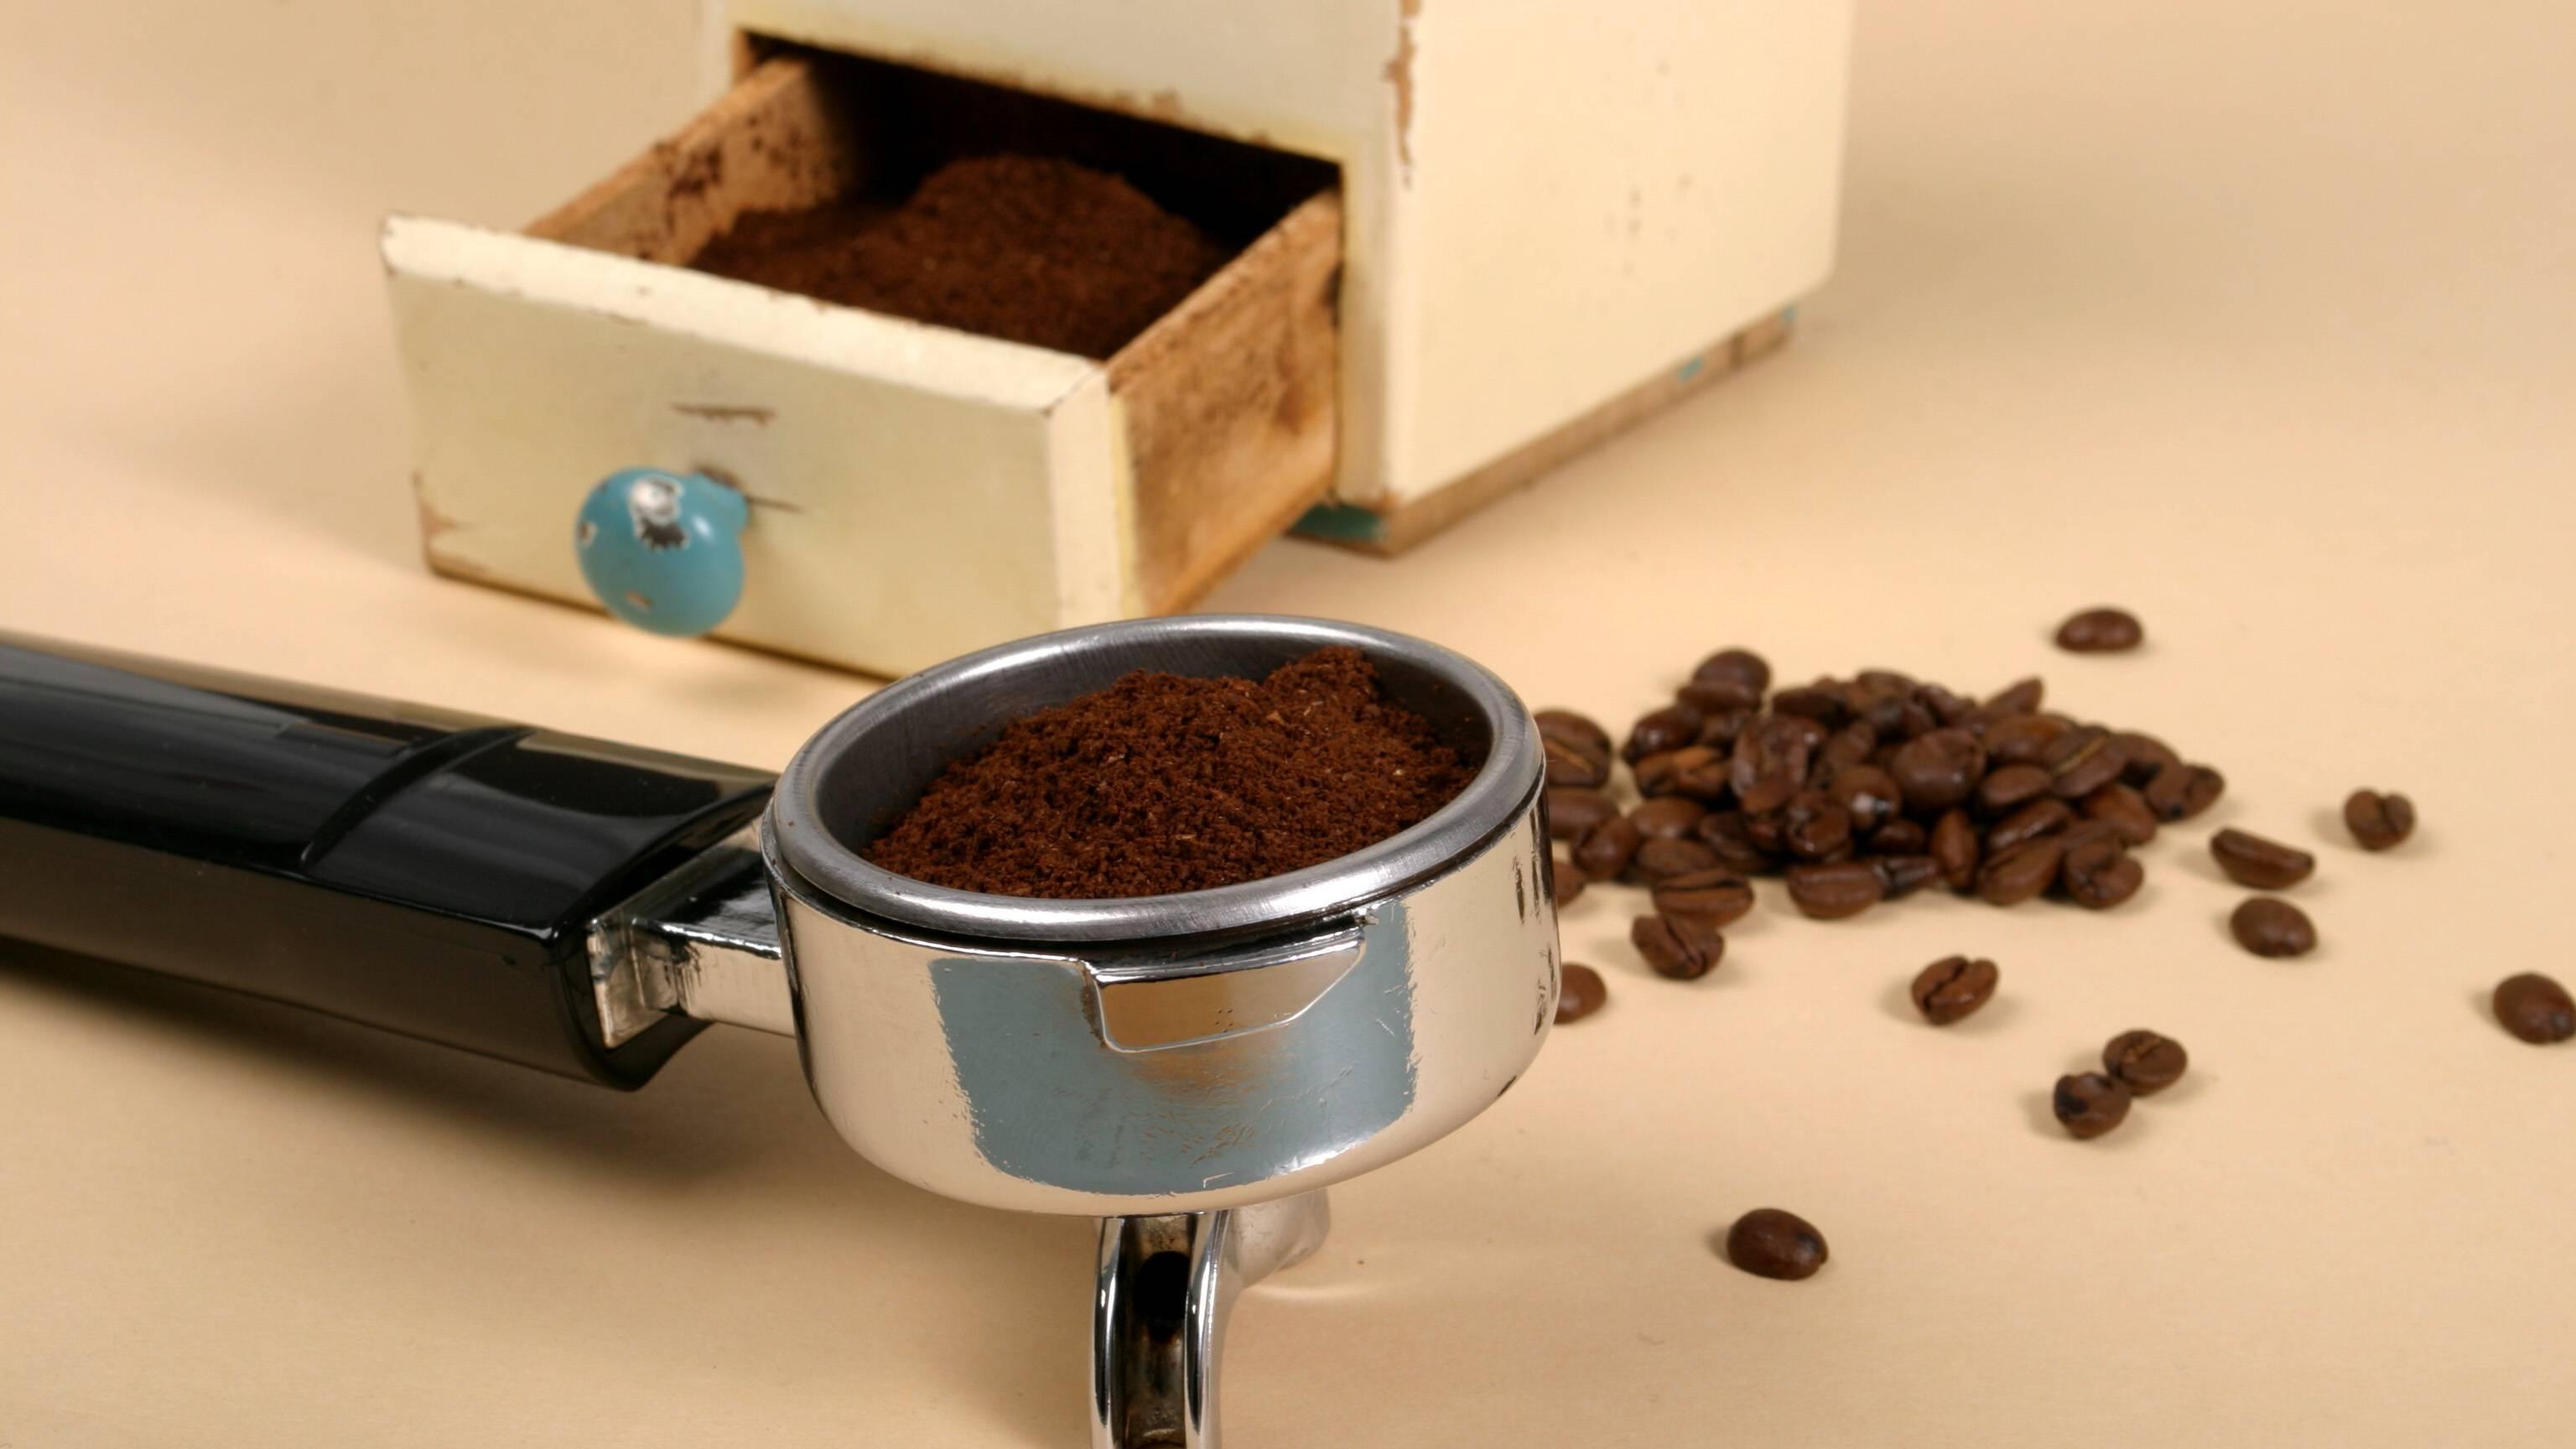 Kaffee mahlen: Darauf müssen Sie achten